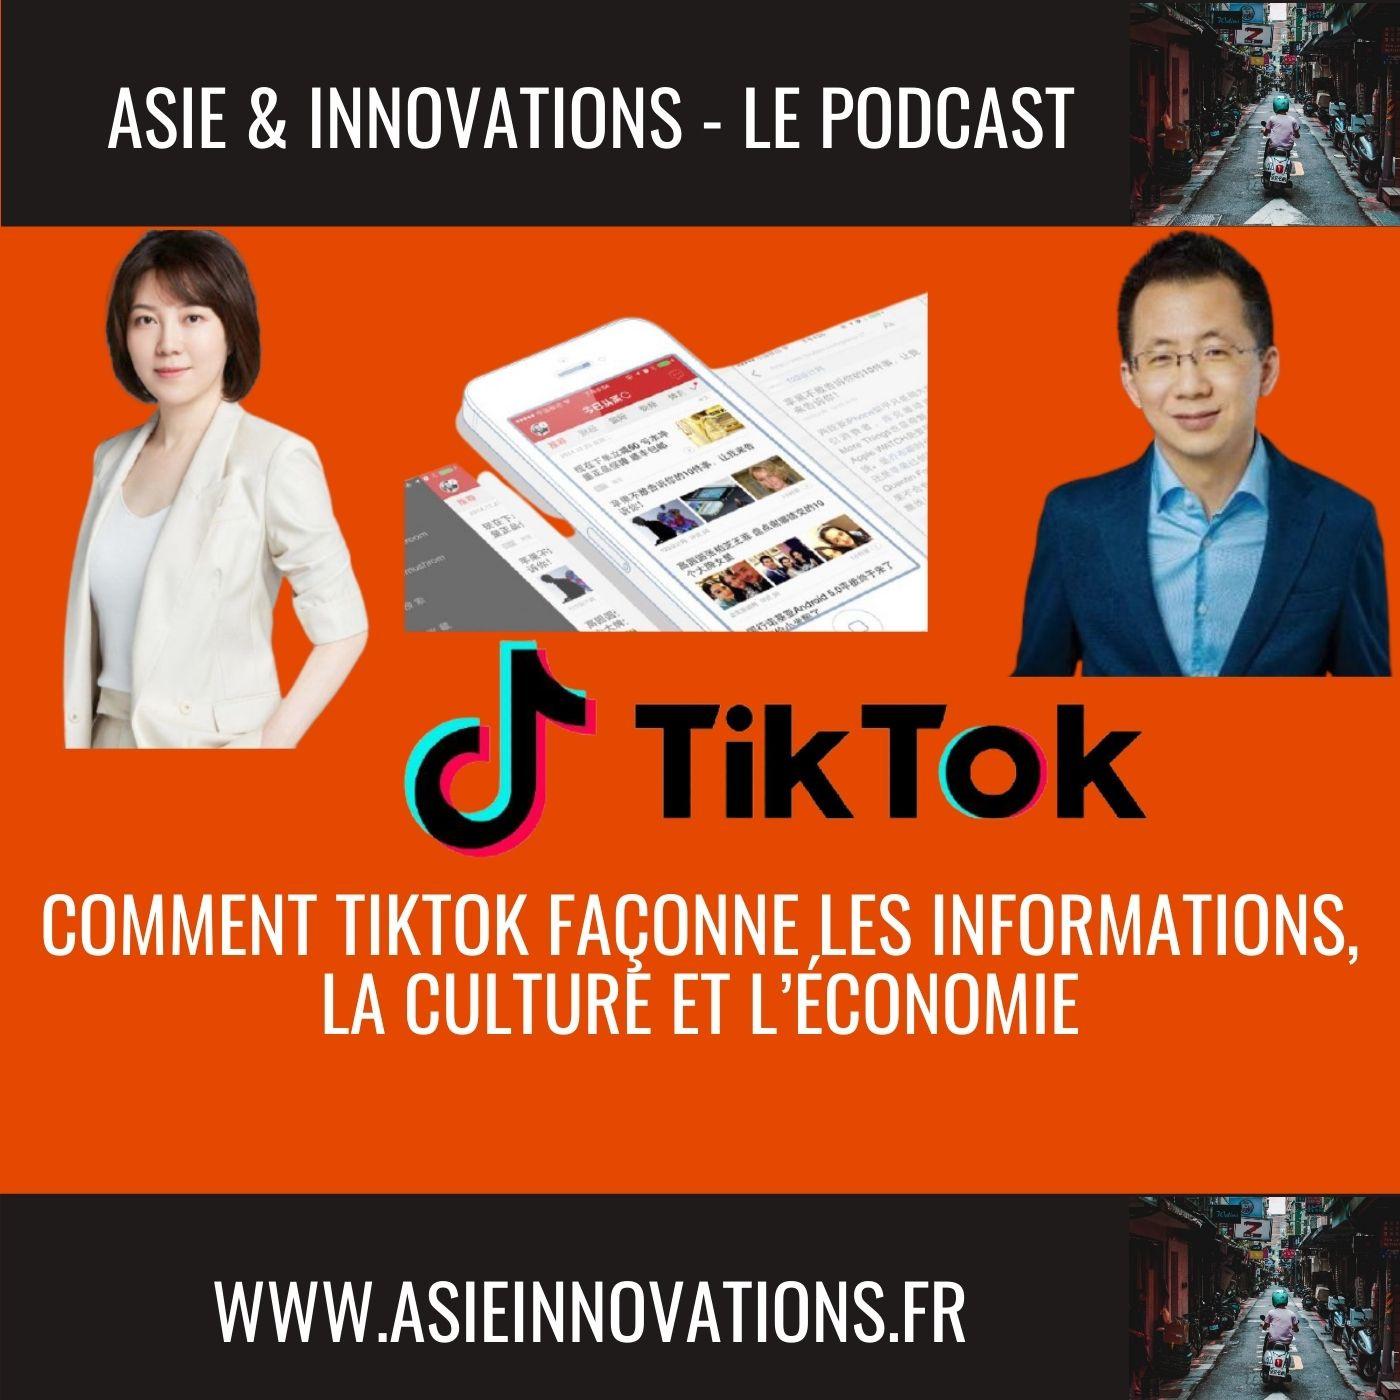 Comment TikTok façonne les informations, la culture et l'économie